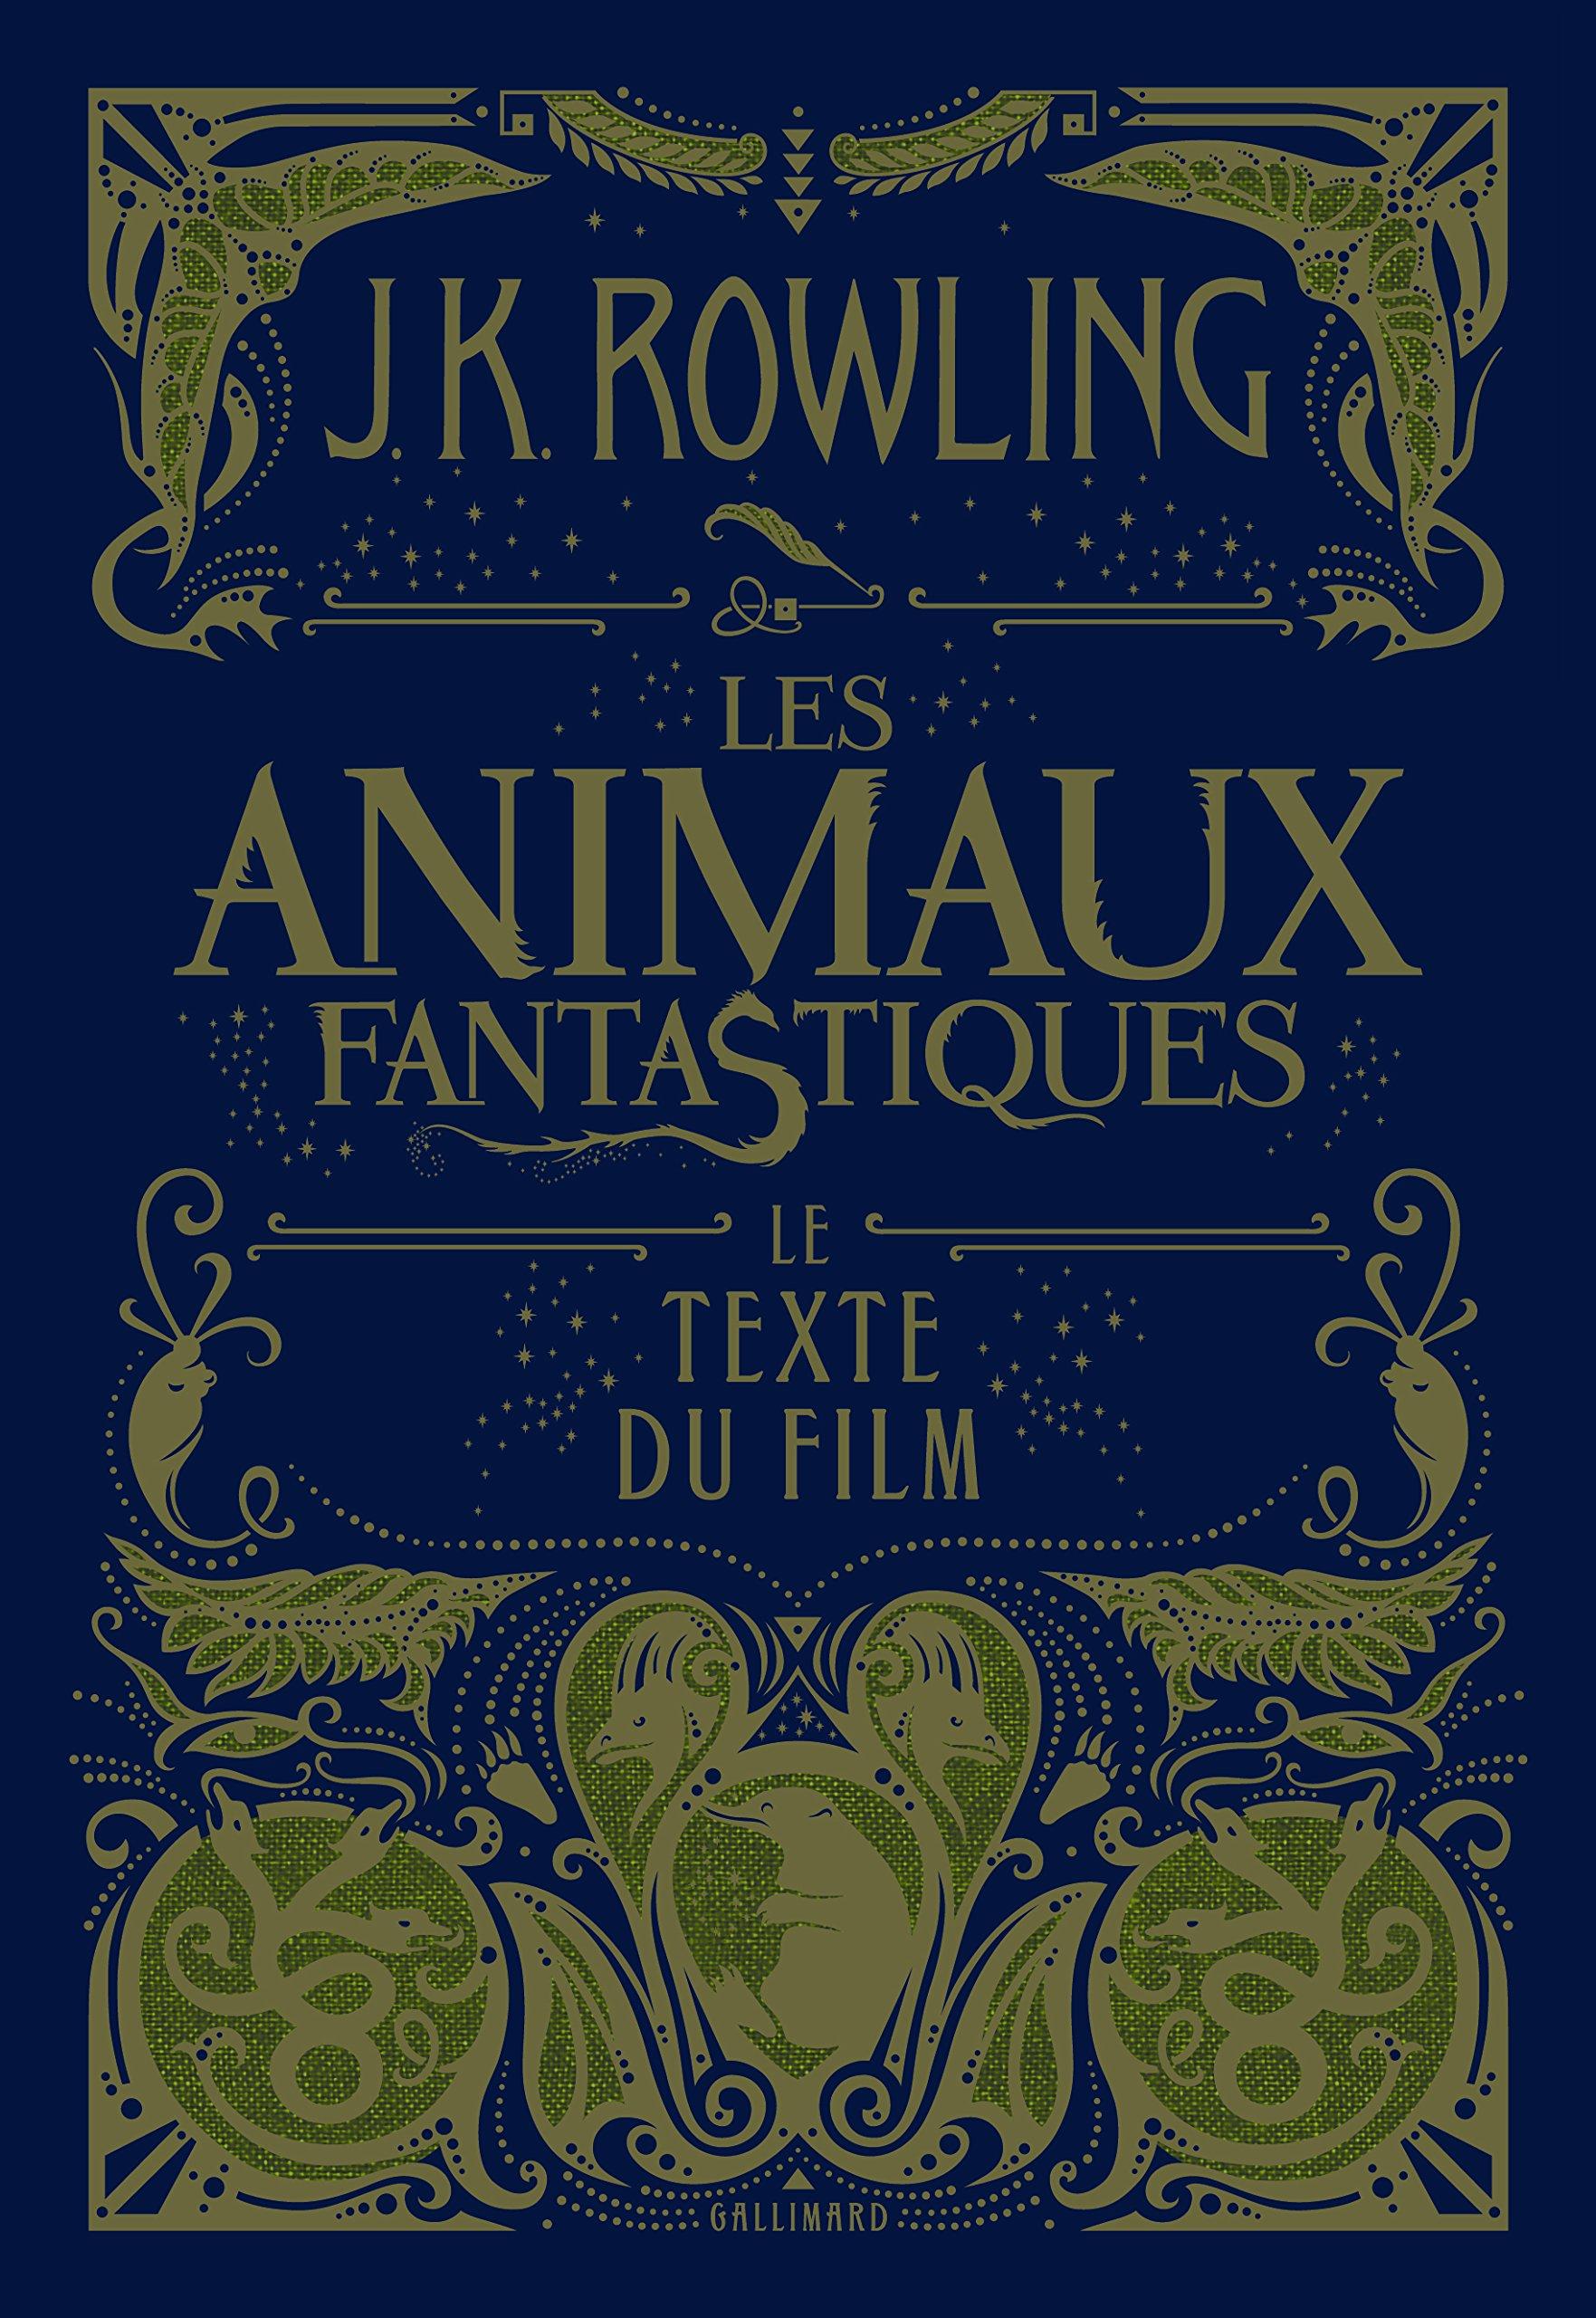 Les animaux fantastiques: Le texte du film Broché – 30 mars 2017 J. K. Rowling Gallimard Jeunesse 207508405X Fiction adolescents